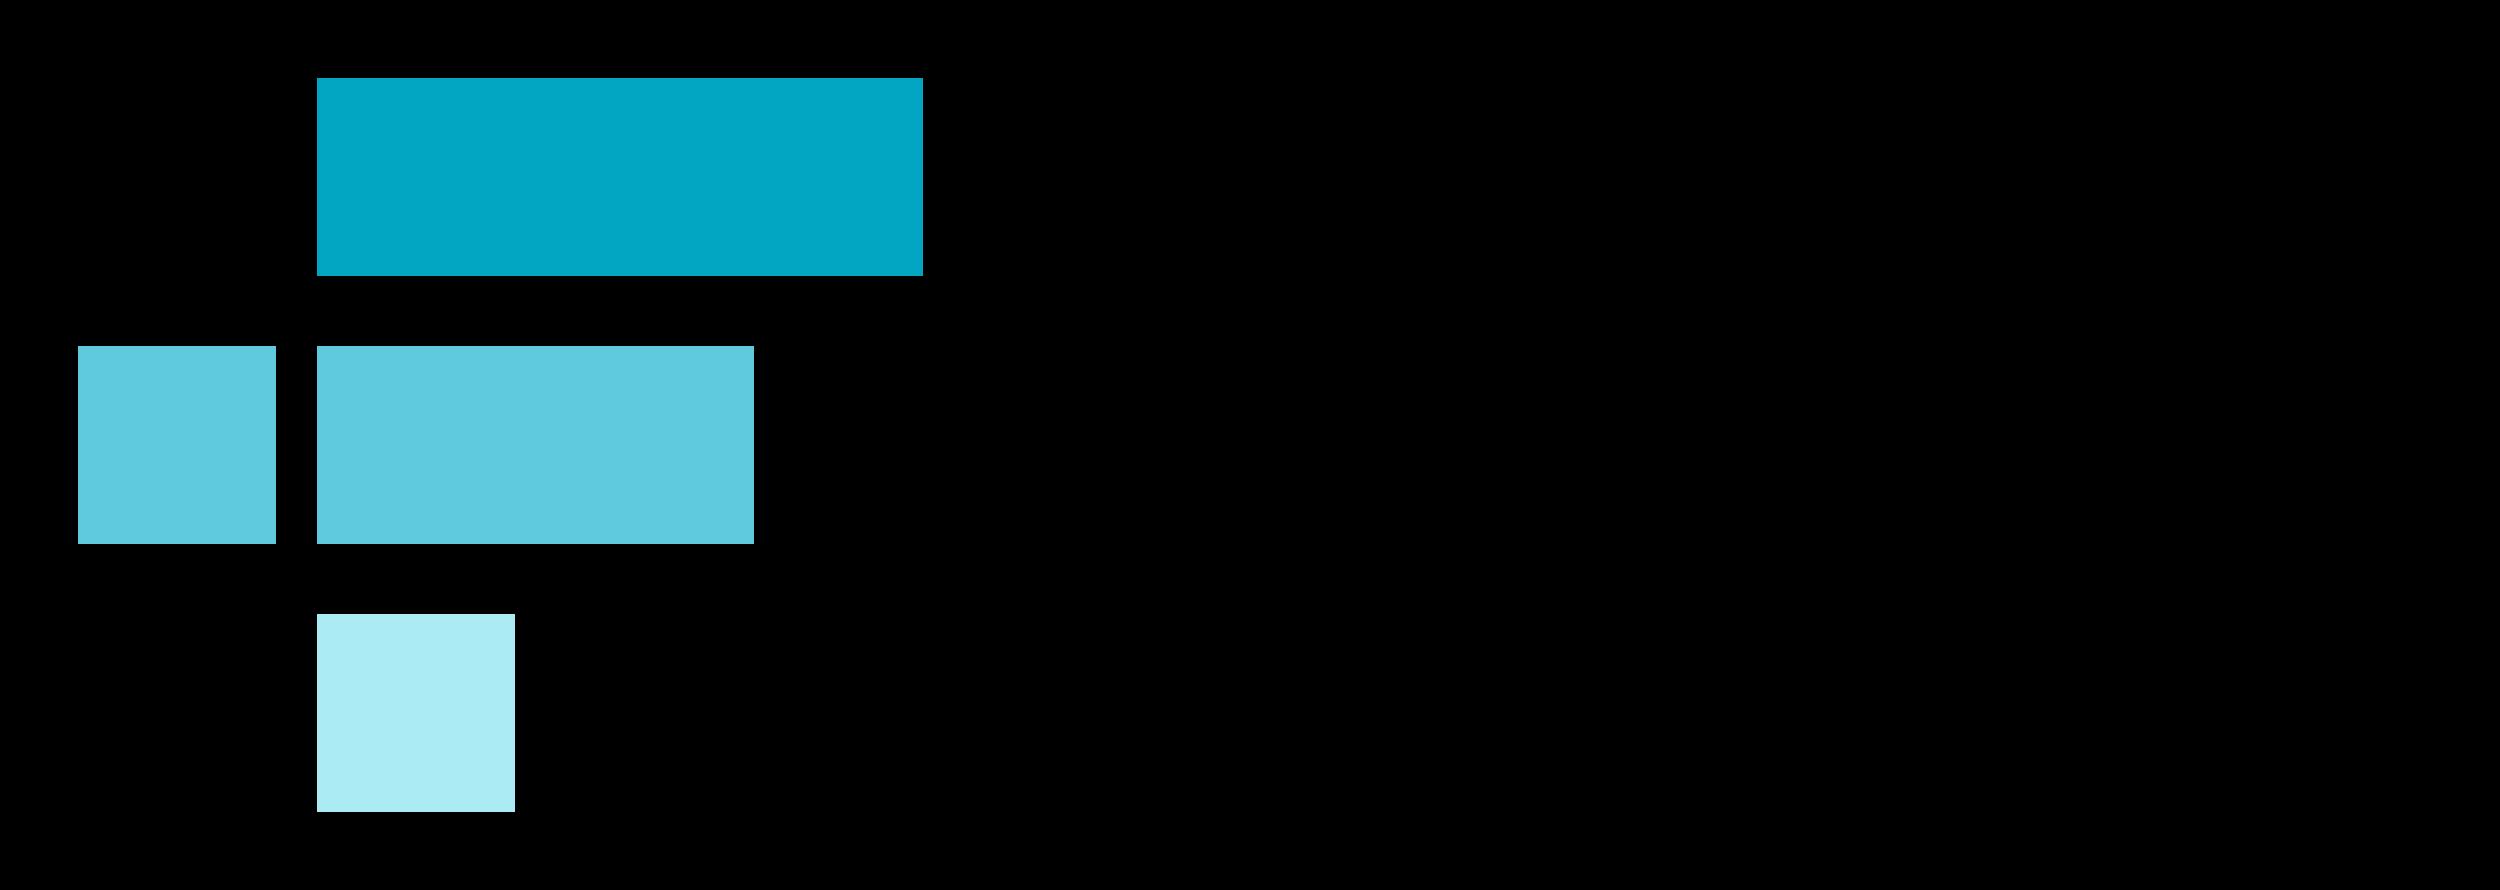 FTX Participating at DAS 202 during NY Blockchain Week